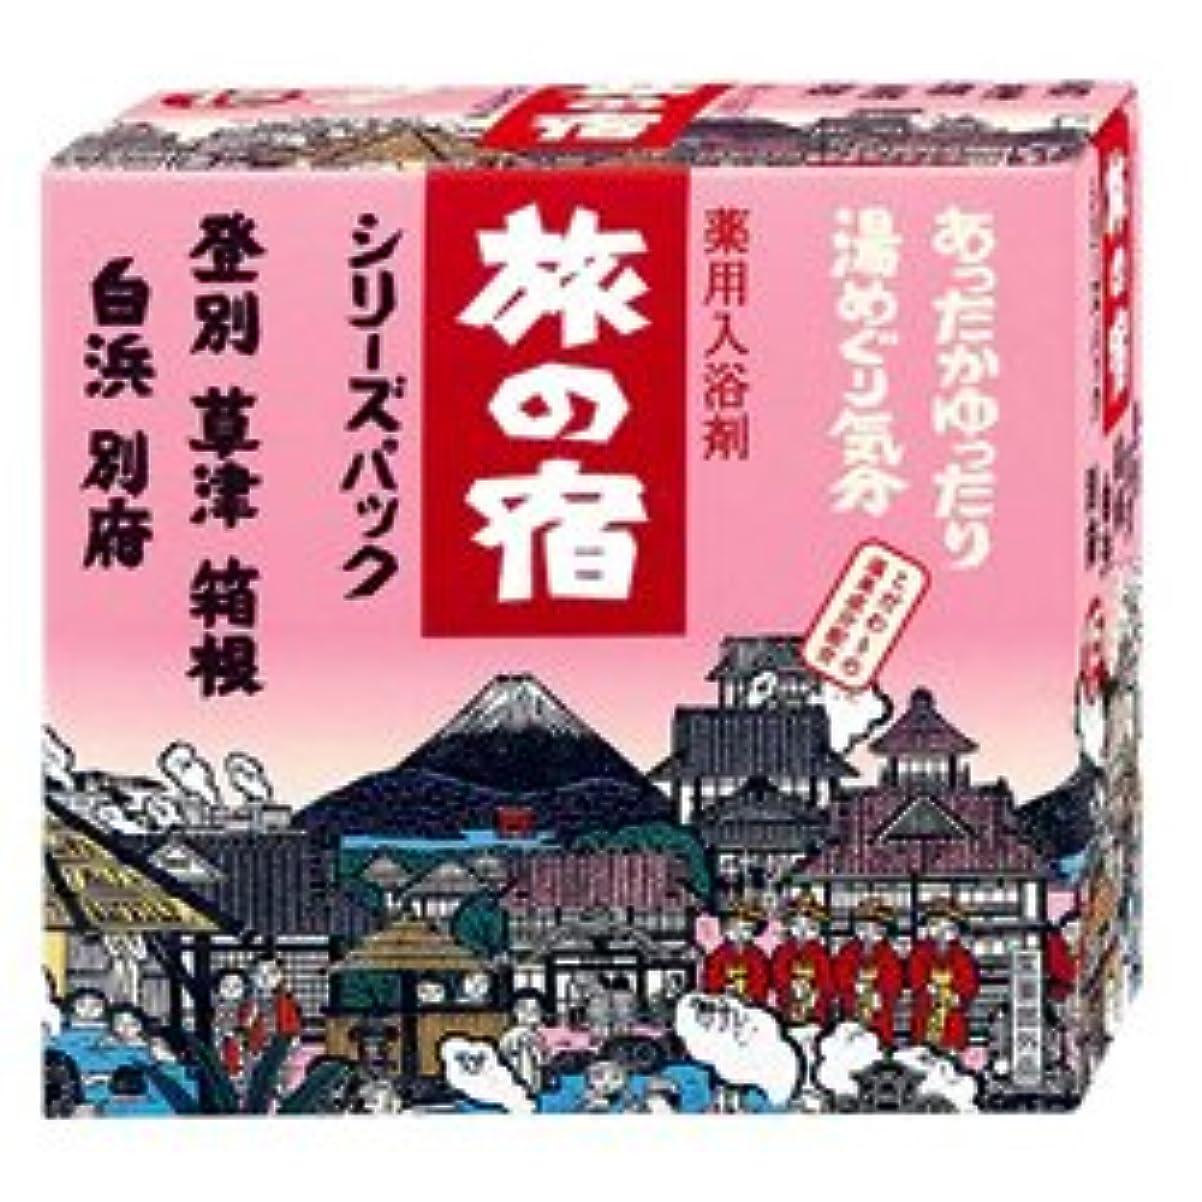 加入扱いやすい注意【クラシエ】旅の宿 とうめい湯シリーズパック 15H ×20個セット